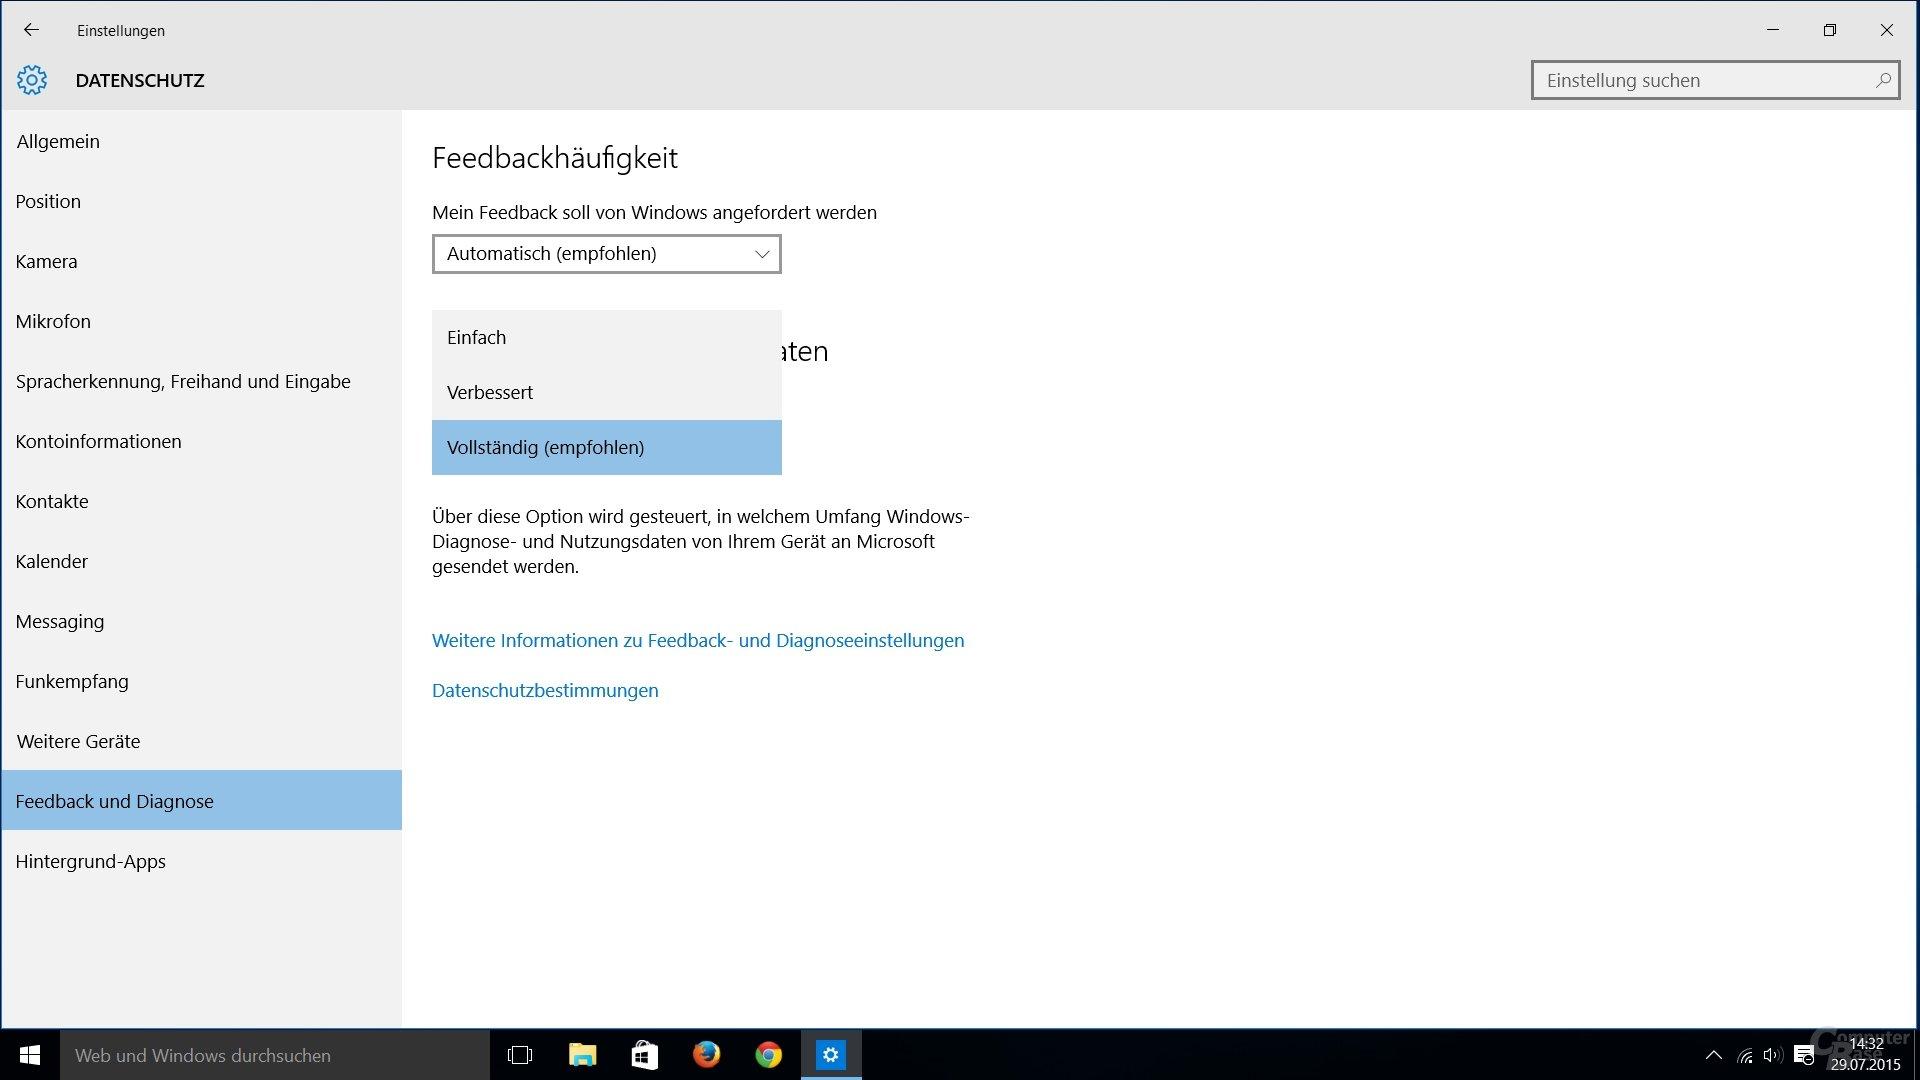 Windows 10: Optionen für Feedback- und Diagnoseeinstellungen